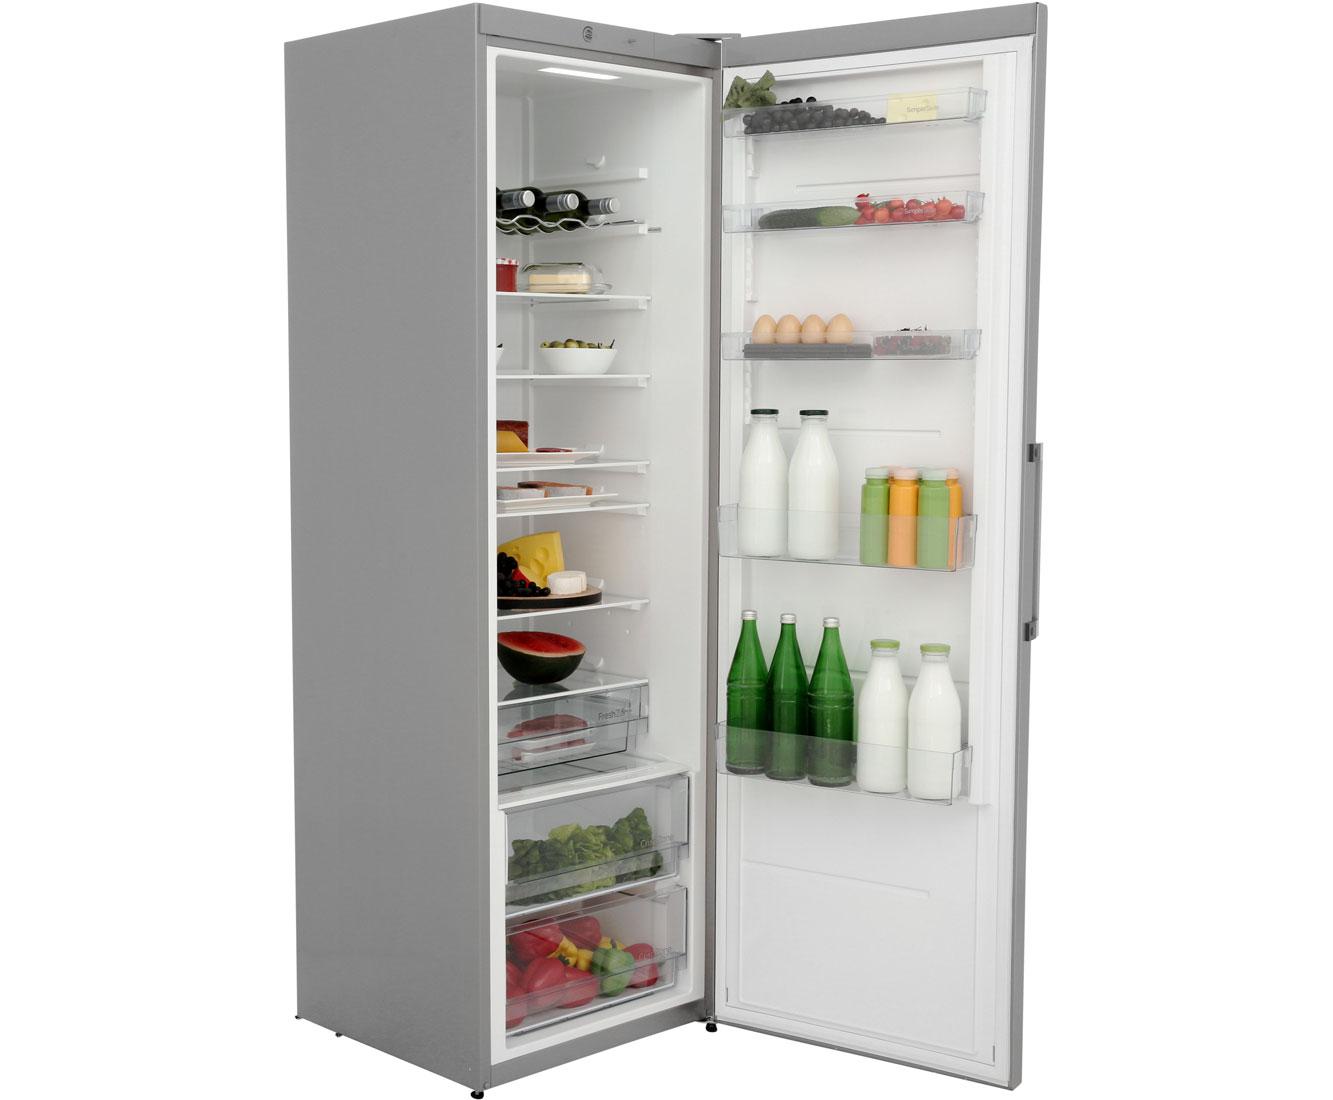 Smeg Kühlschrank Leise : Kühlschrank groß freistehend kühlschränke günstig online kaufen